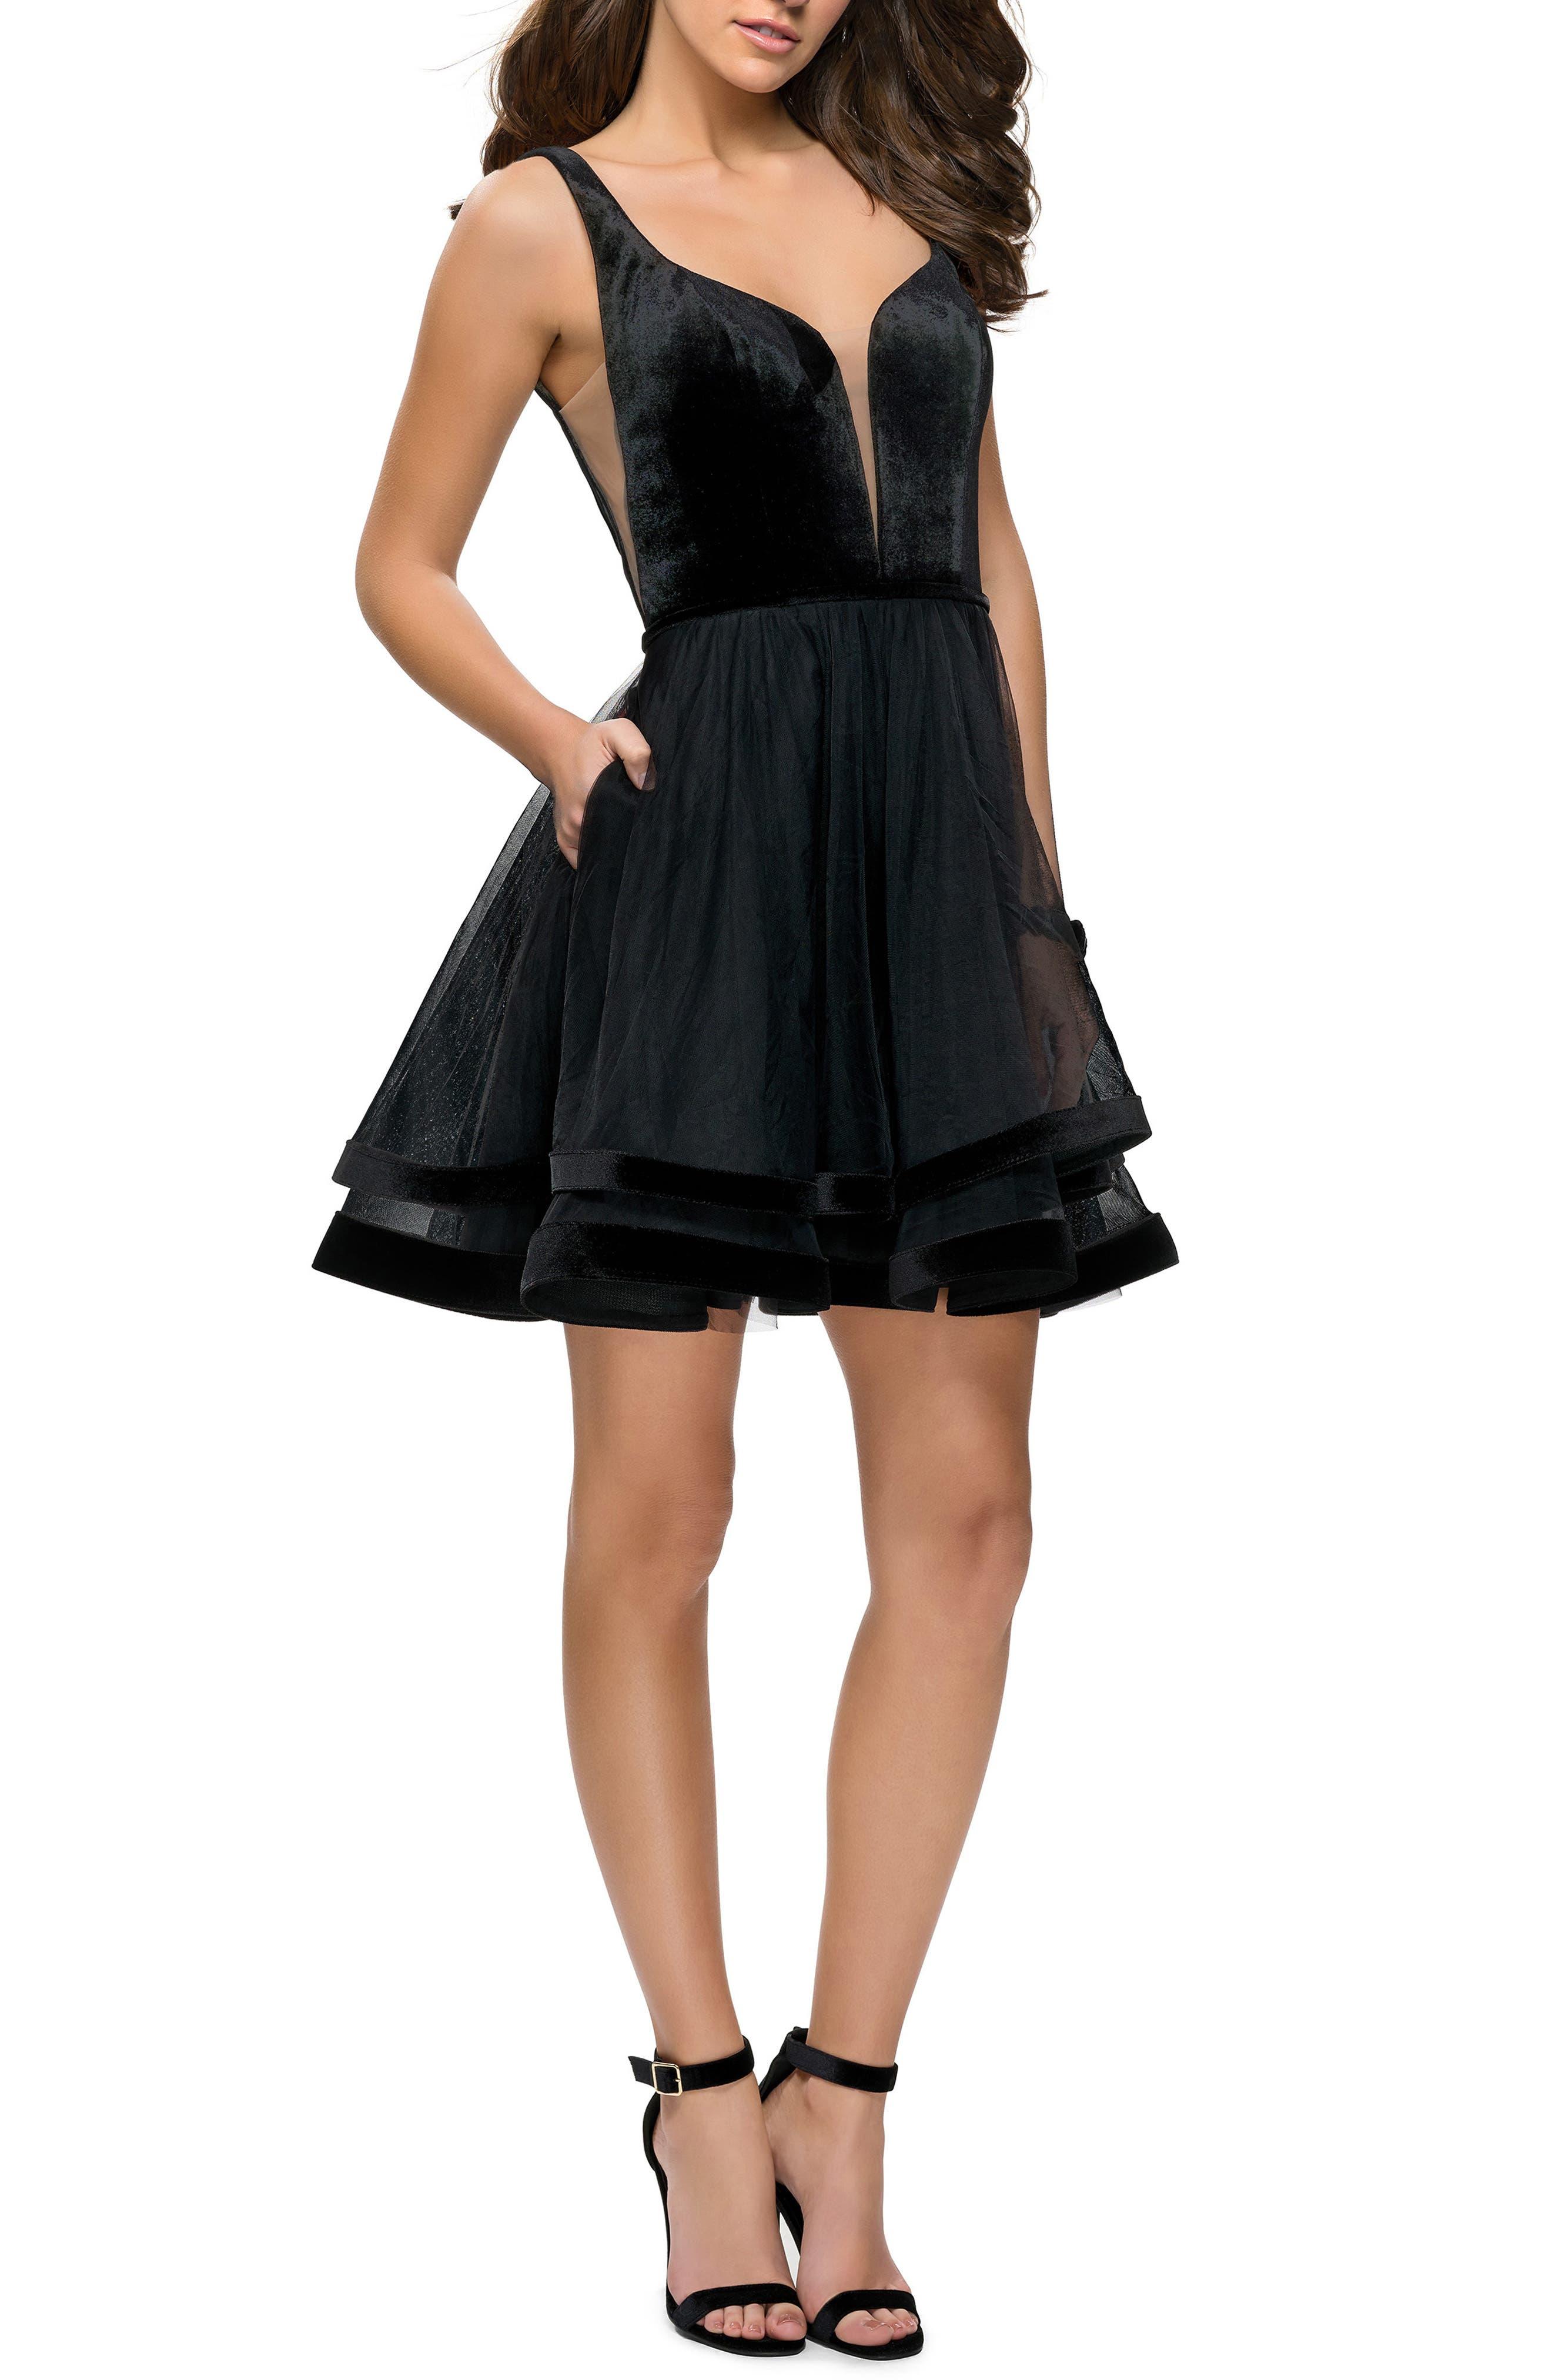 La Femme Velvet & Tulle Party Dress, Black